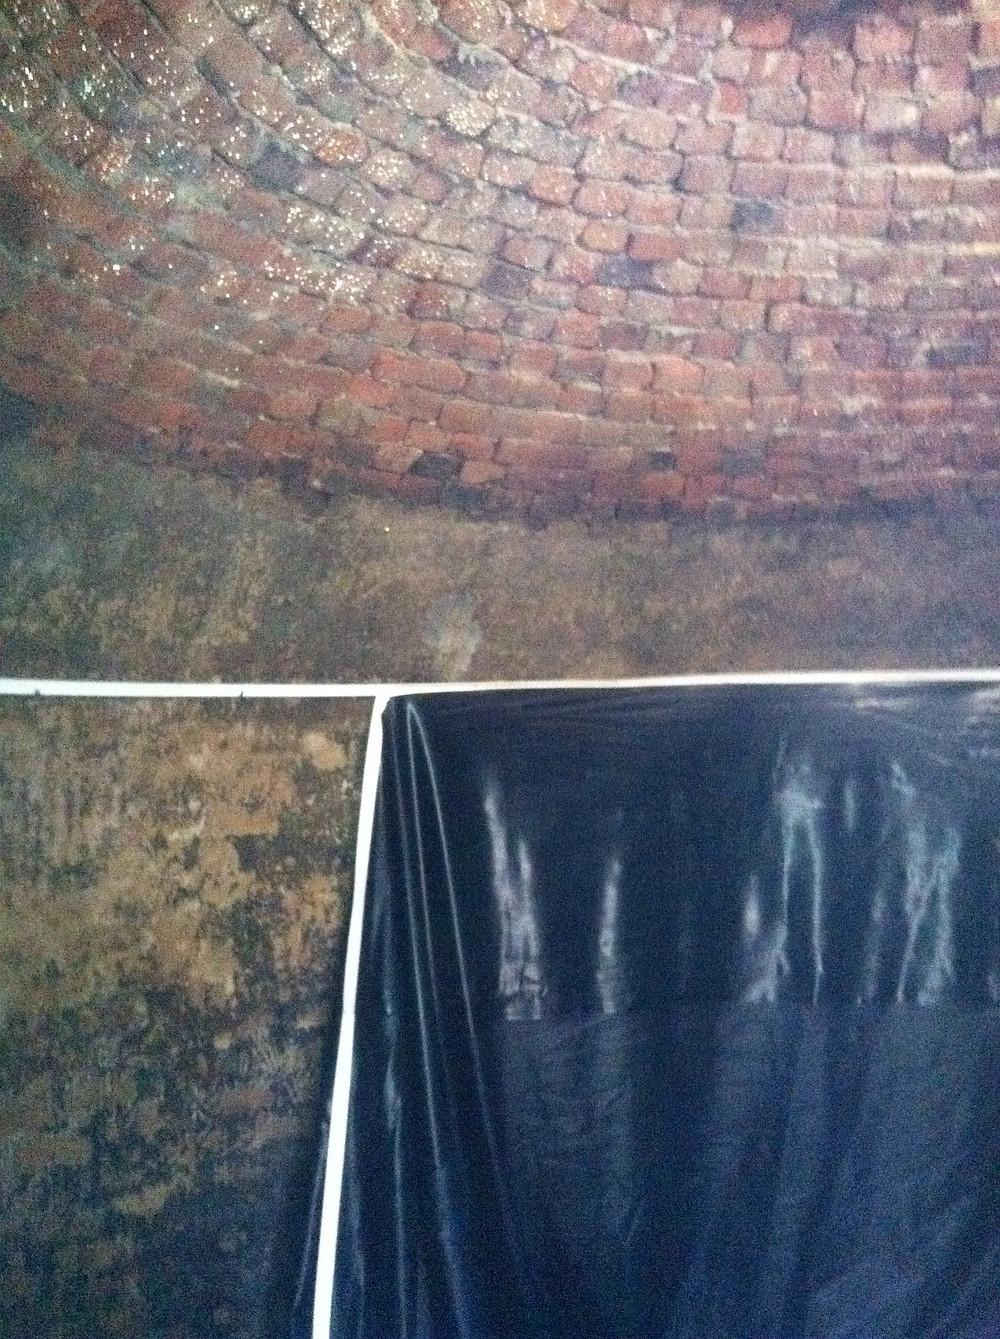 Cistern liner installation